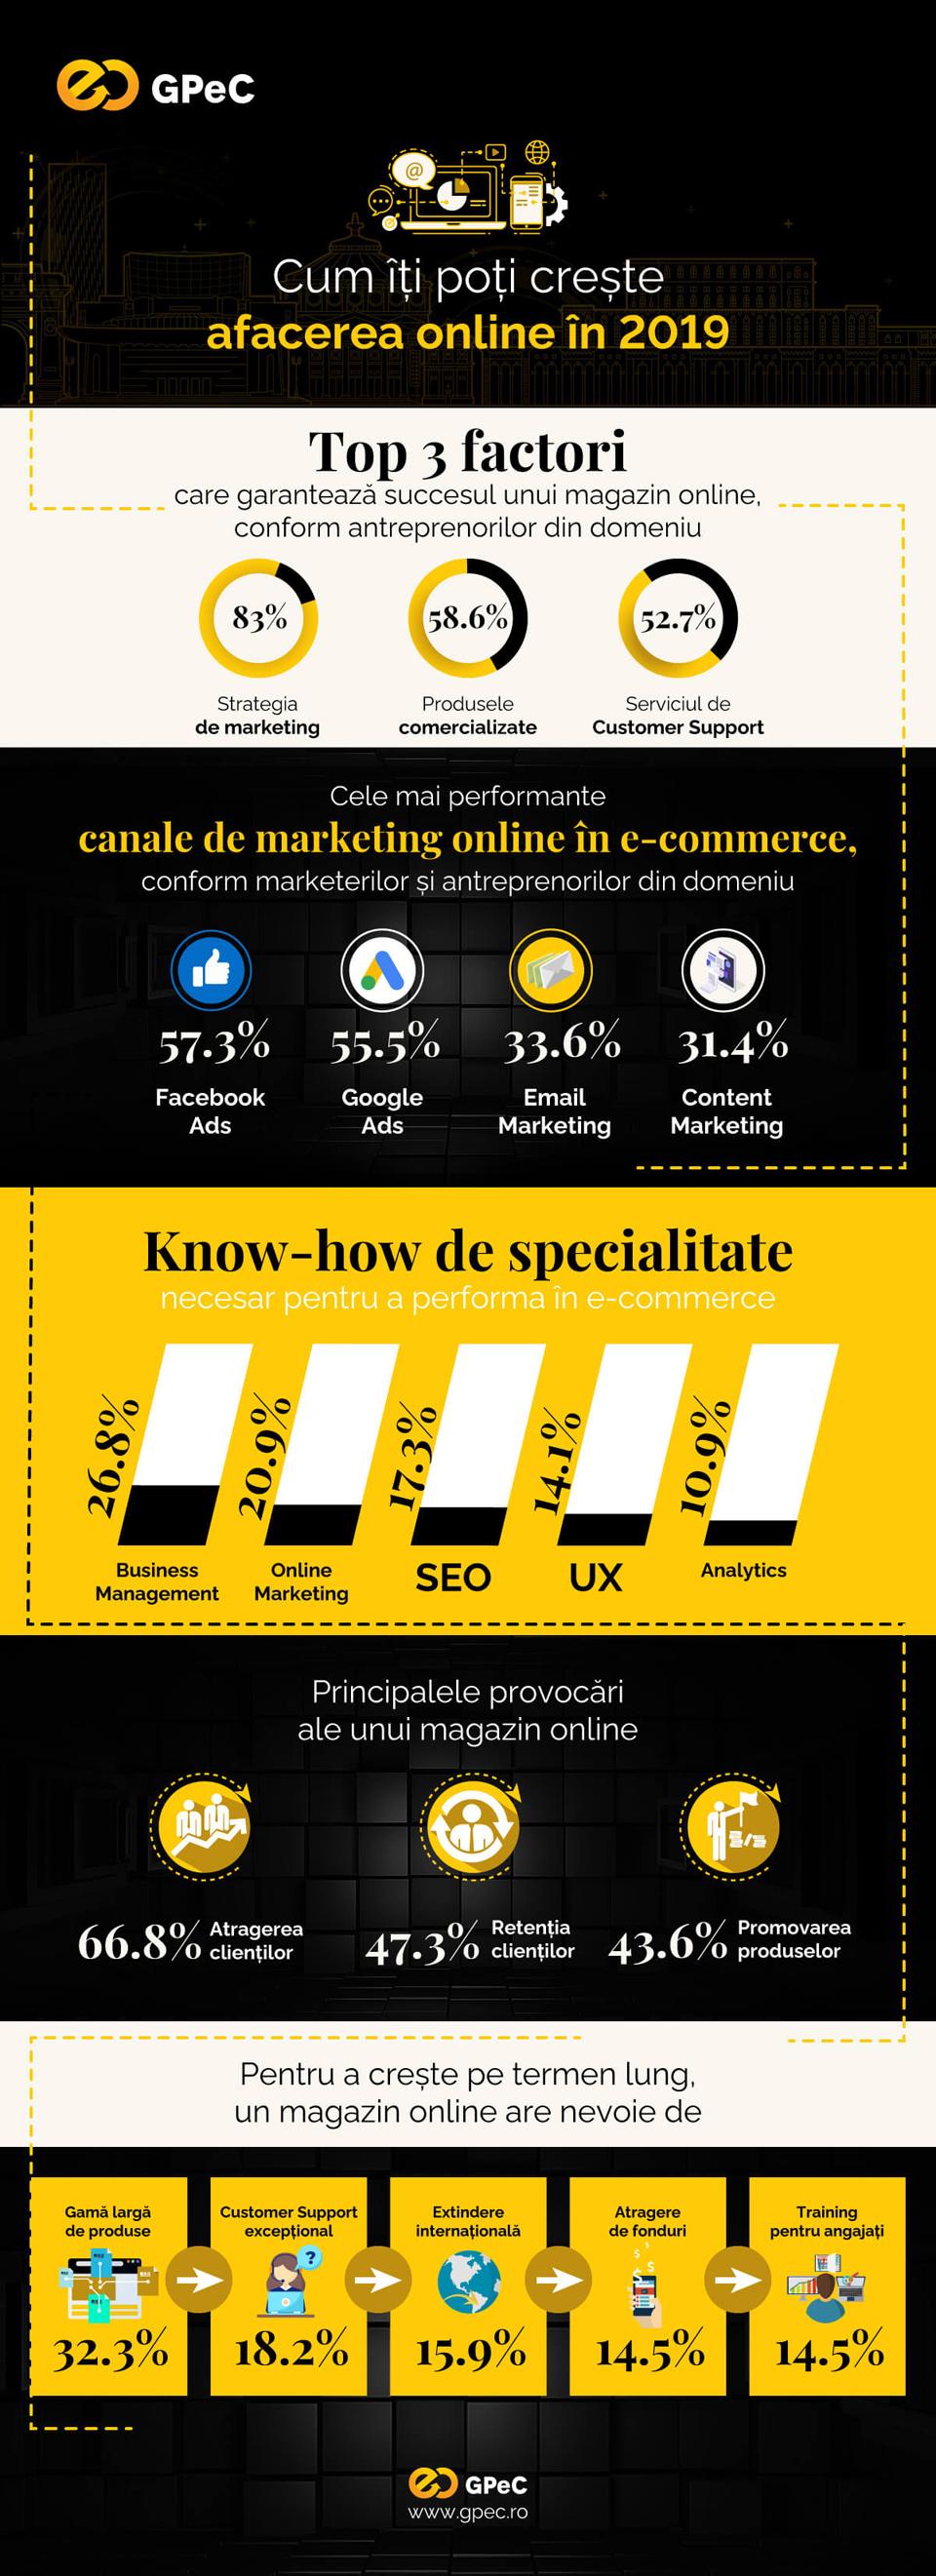 Studiu GPeC: Care sunt principalii factori de succes pentru magazinele online